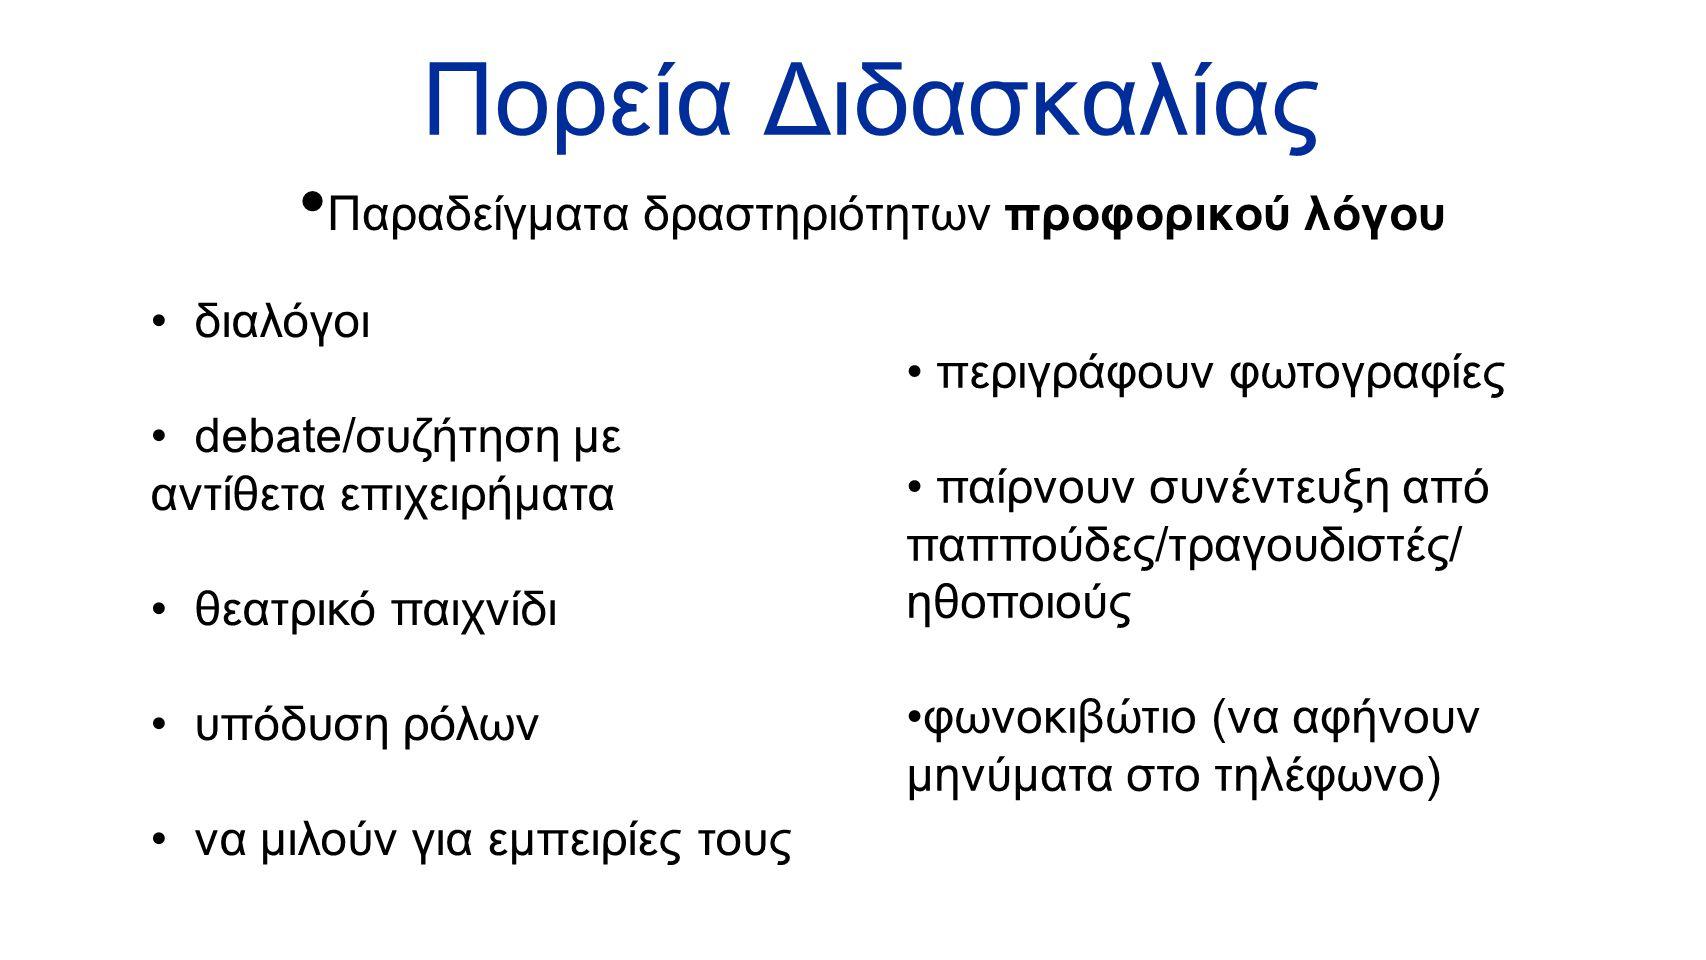 Παραδείγματα δραστηριότητων προφορικού λόγου